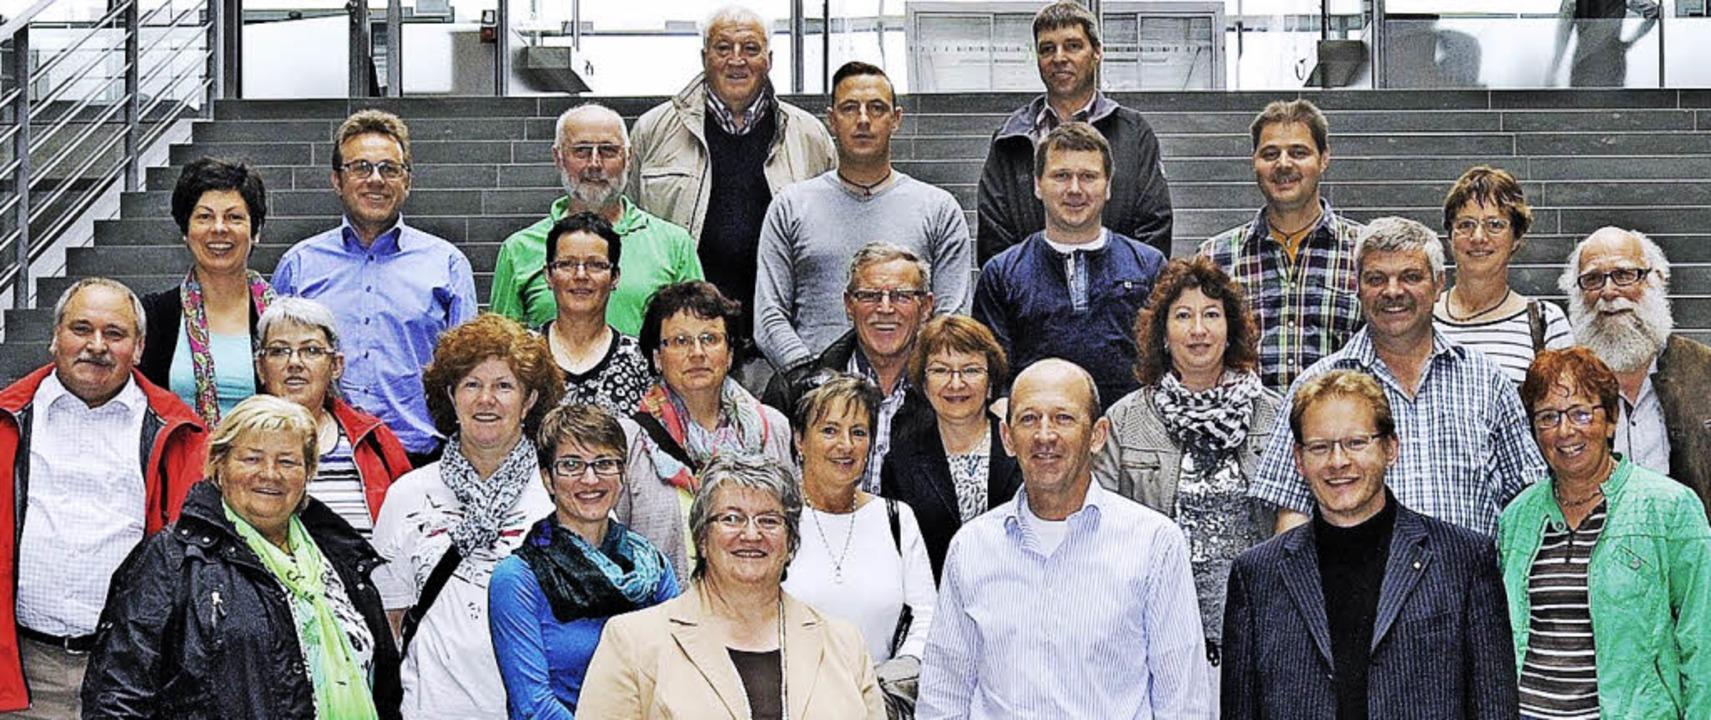 Bürgermeister und Ratsmitglieder aus G...Besuch in der Bundeshauptstadt Berlin.  | Foto: Privat